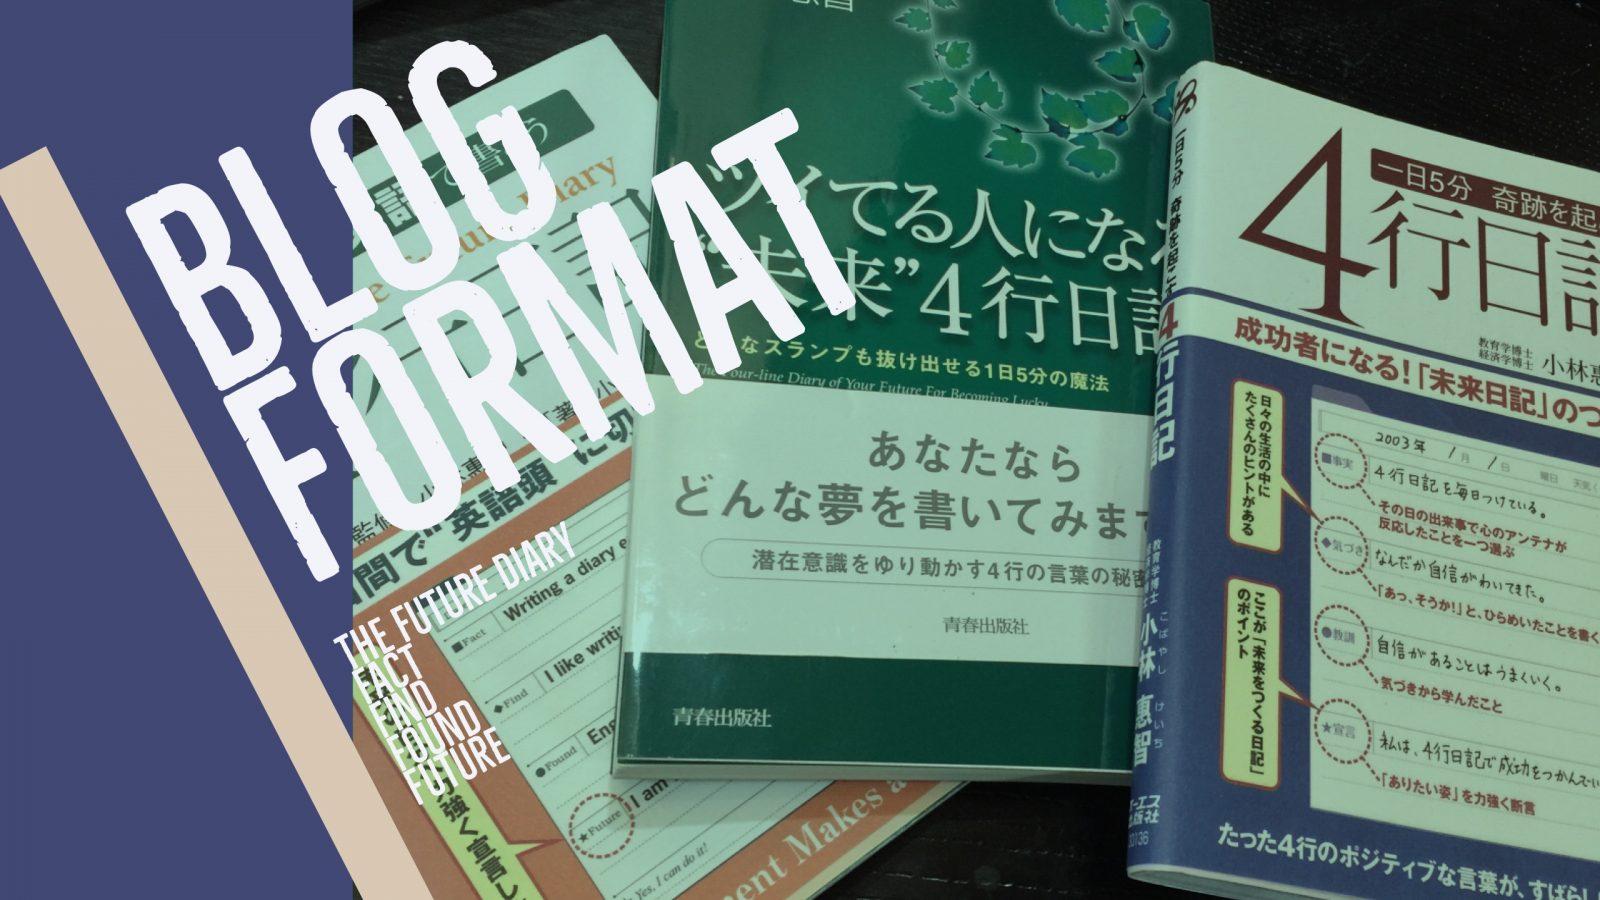 ブログ習慣化への道→4行日記の形式のほうがブログっぽいかも